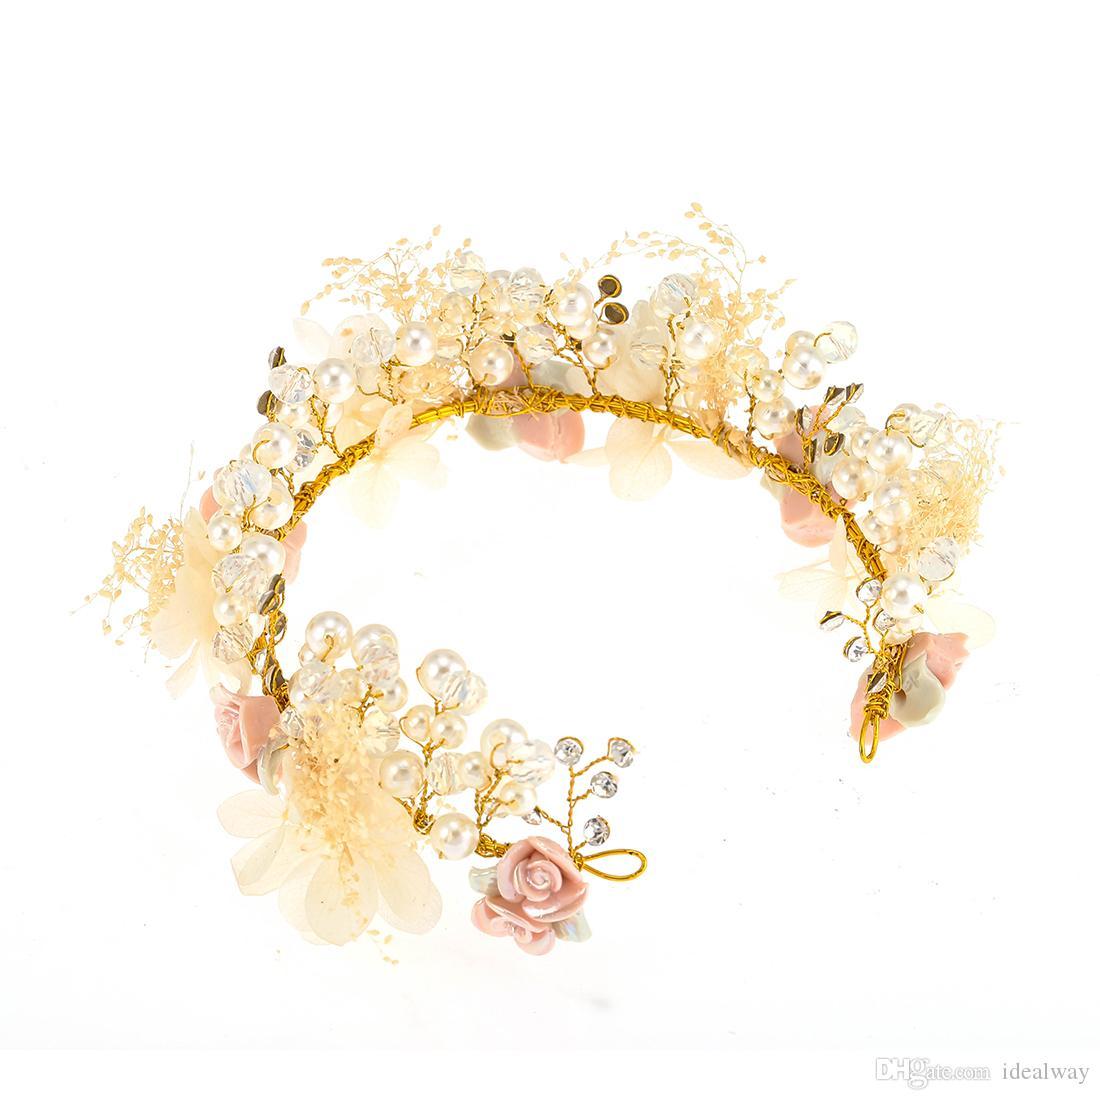 شعبية جميلة النمط الريفي الكلاسيكي سلسلة طويلة شرابة اللؤلؤ الزفاف غطاء الرأس أقراط بوتيك مجموعة مجوهرات هدية